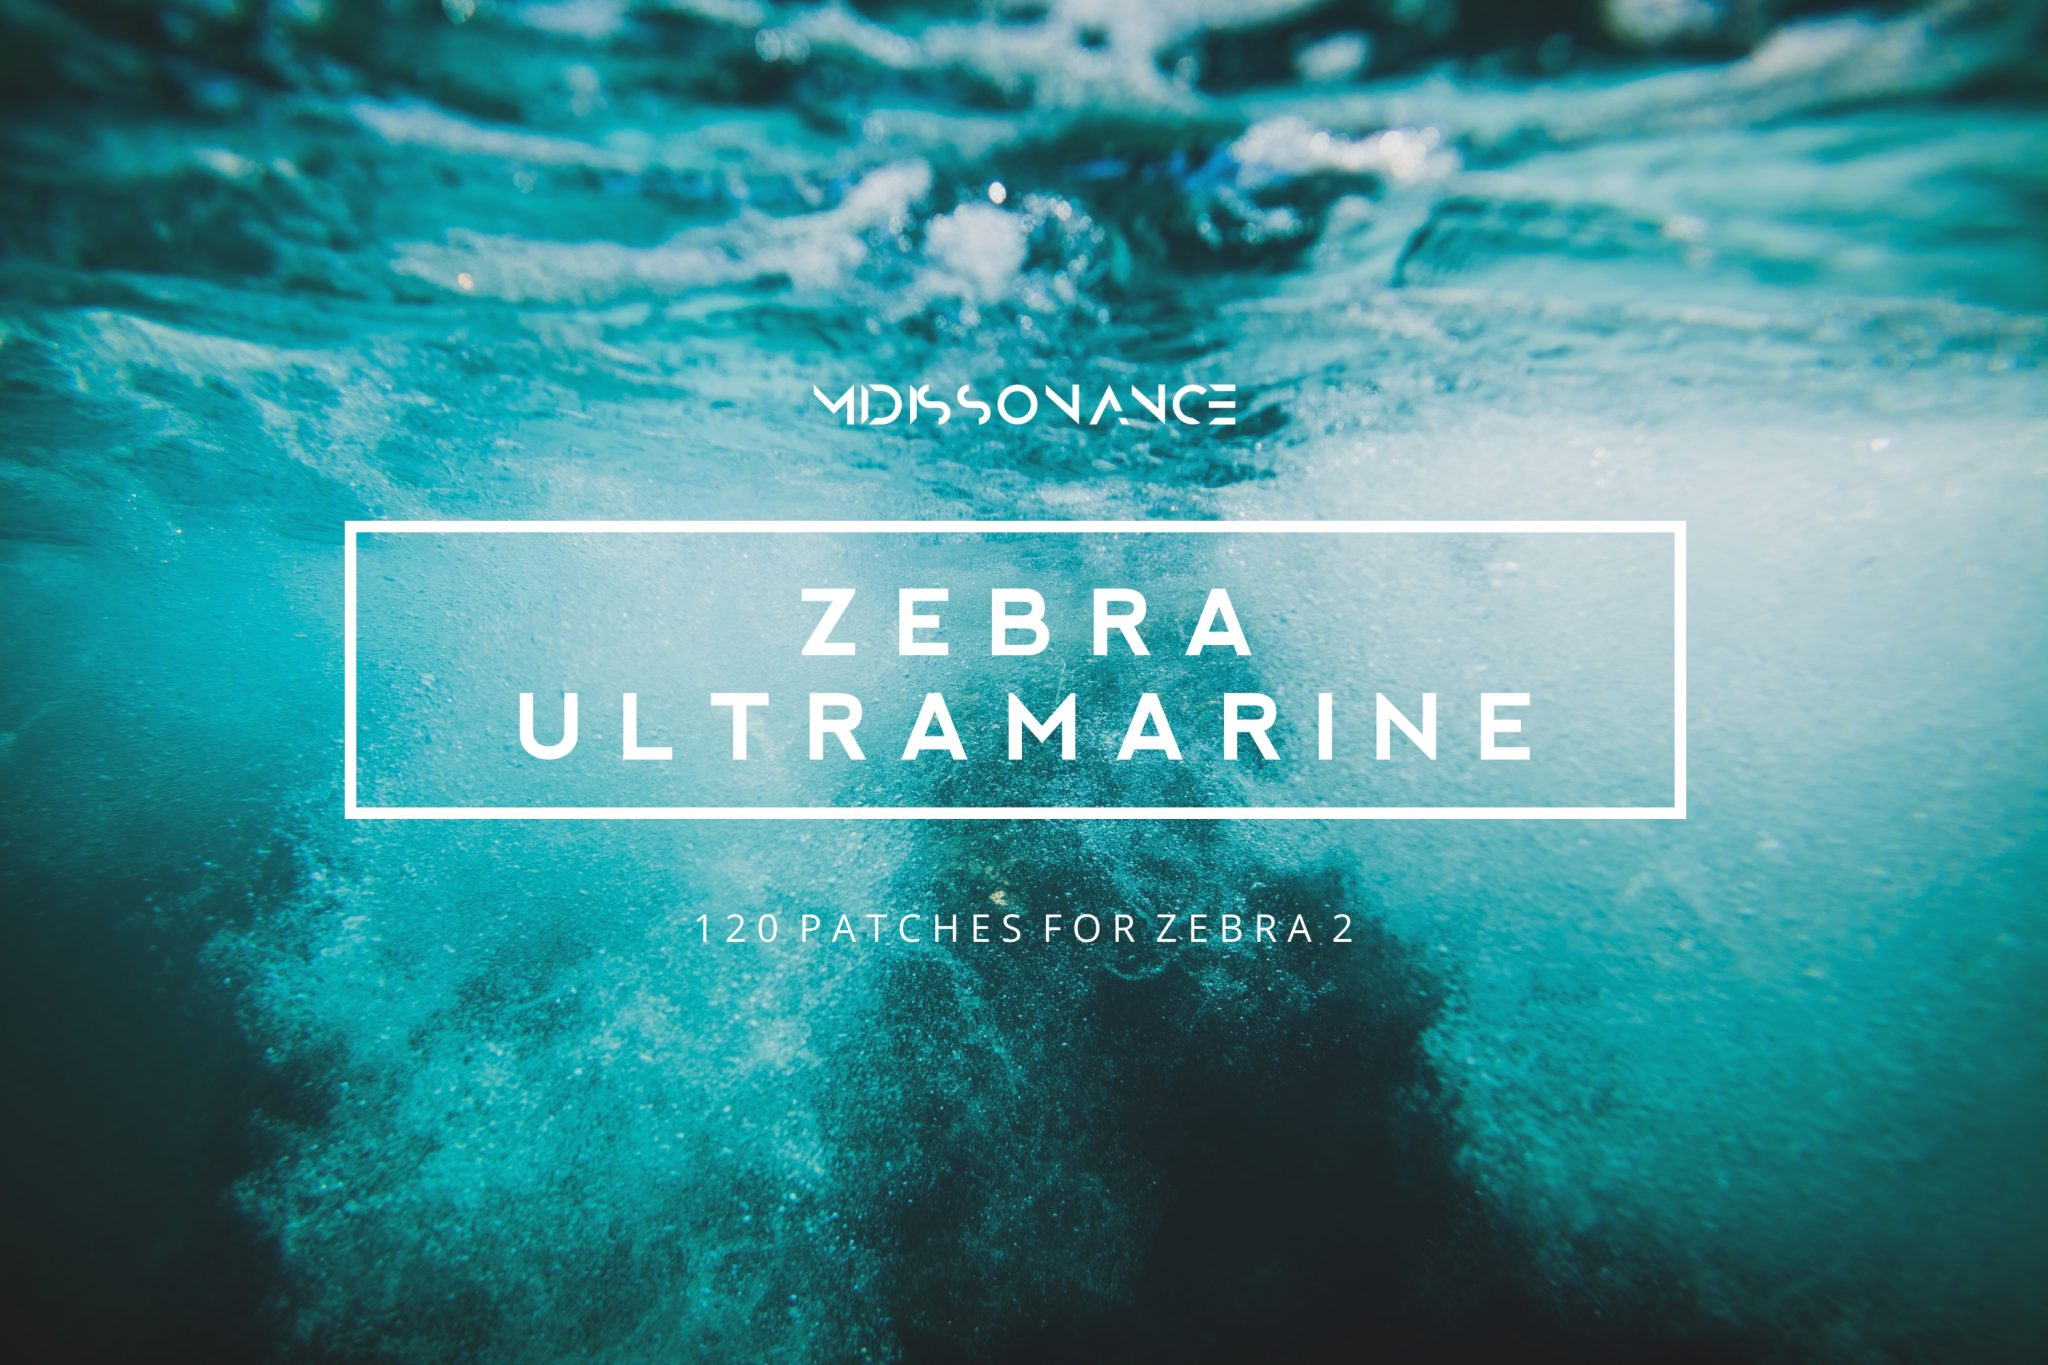 Zebra Ultramarine